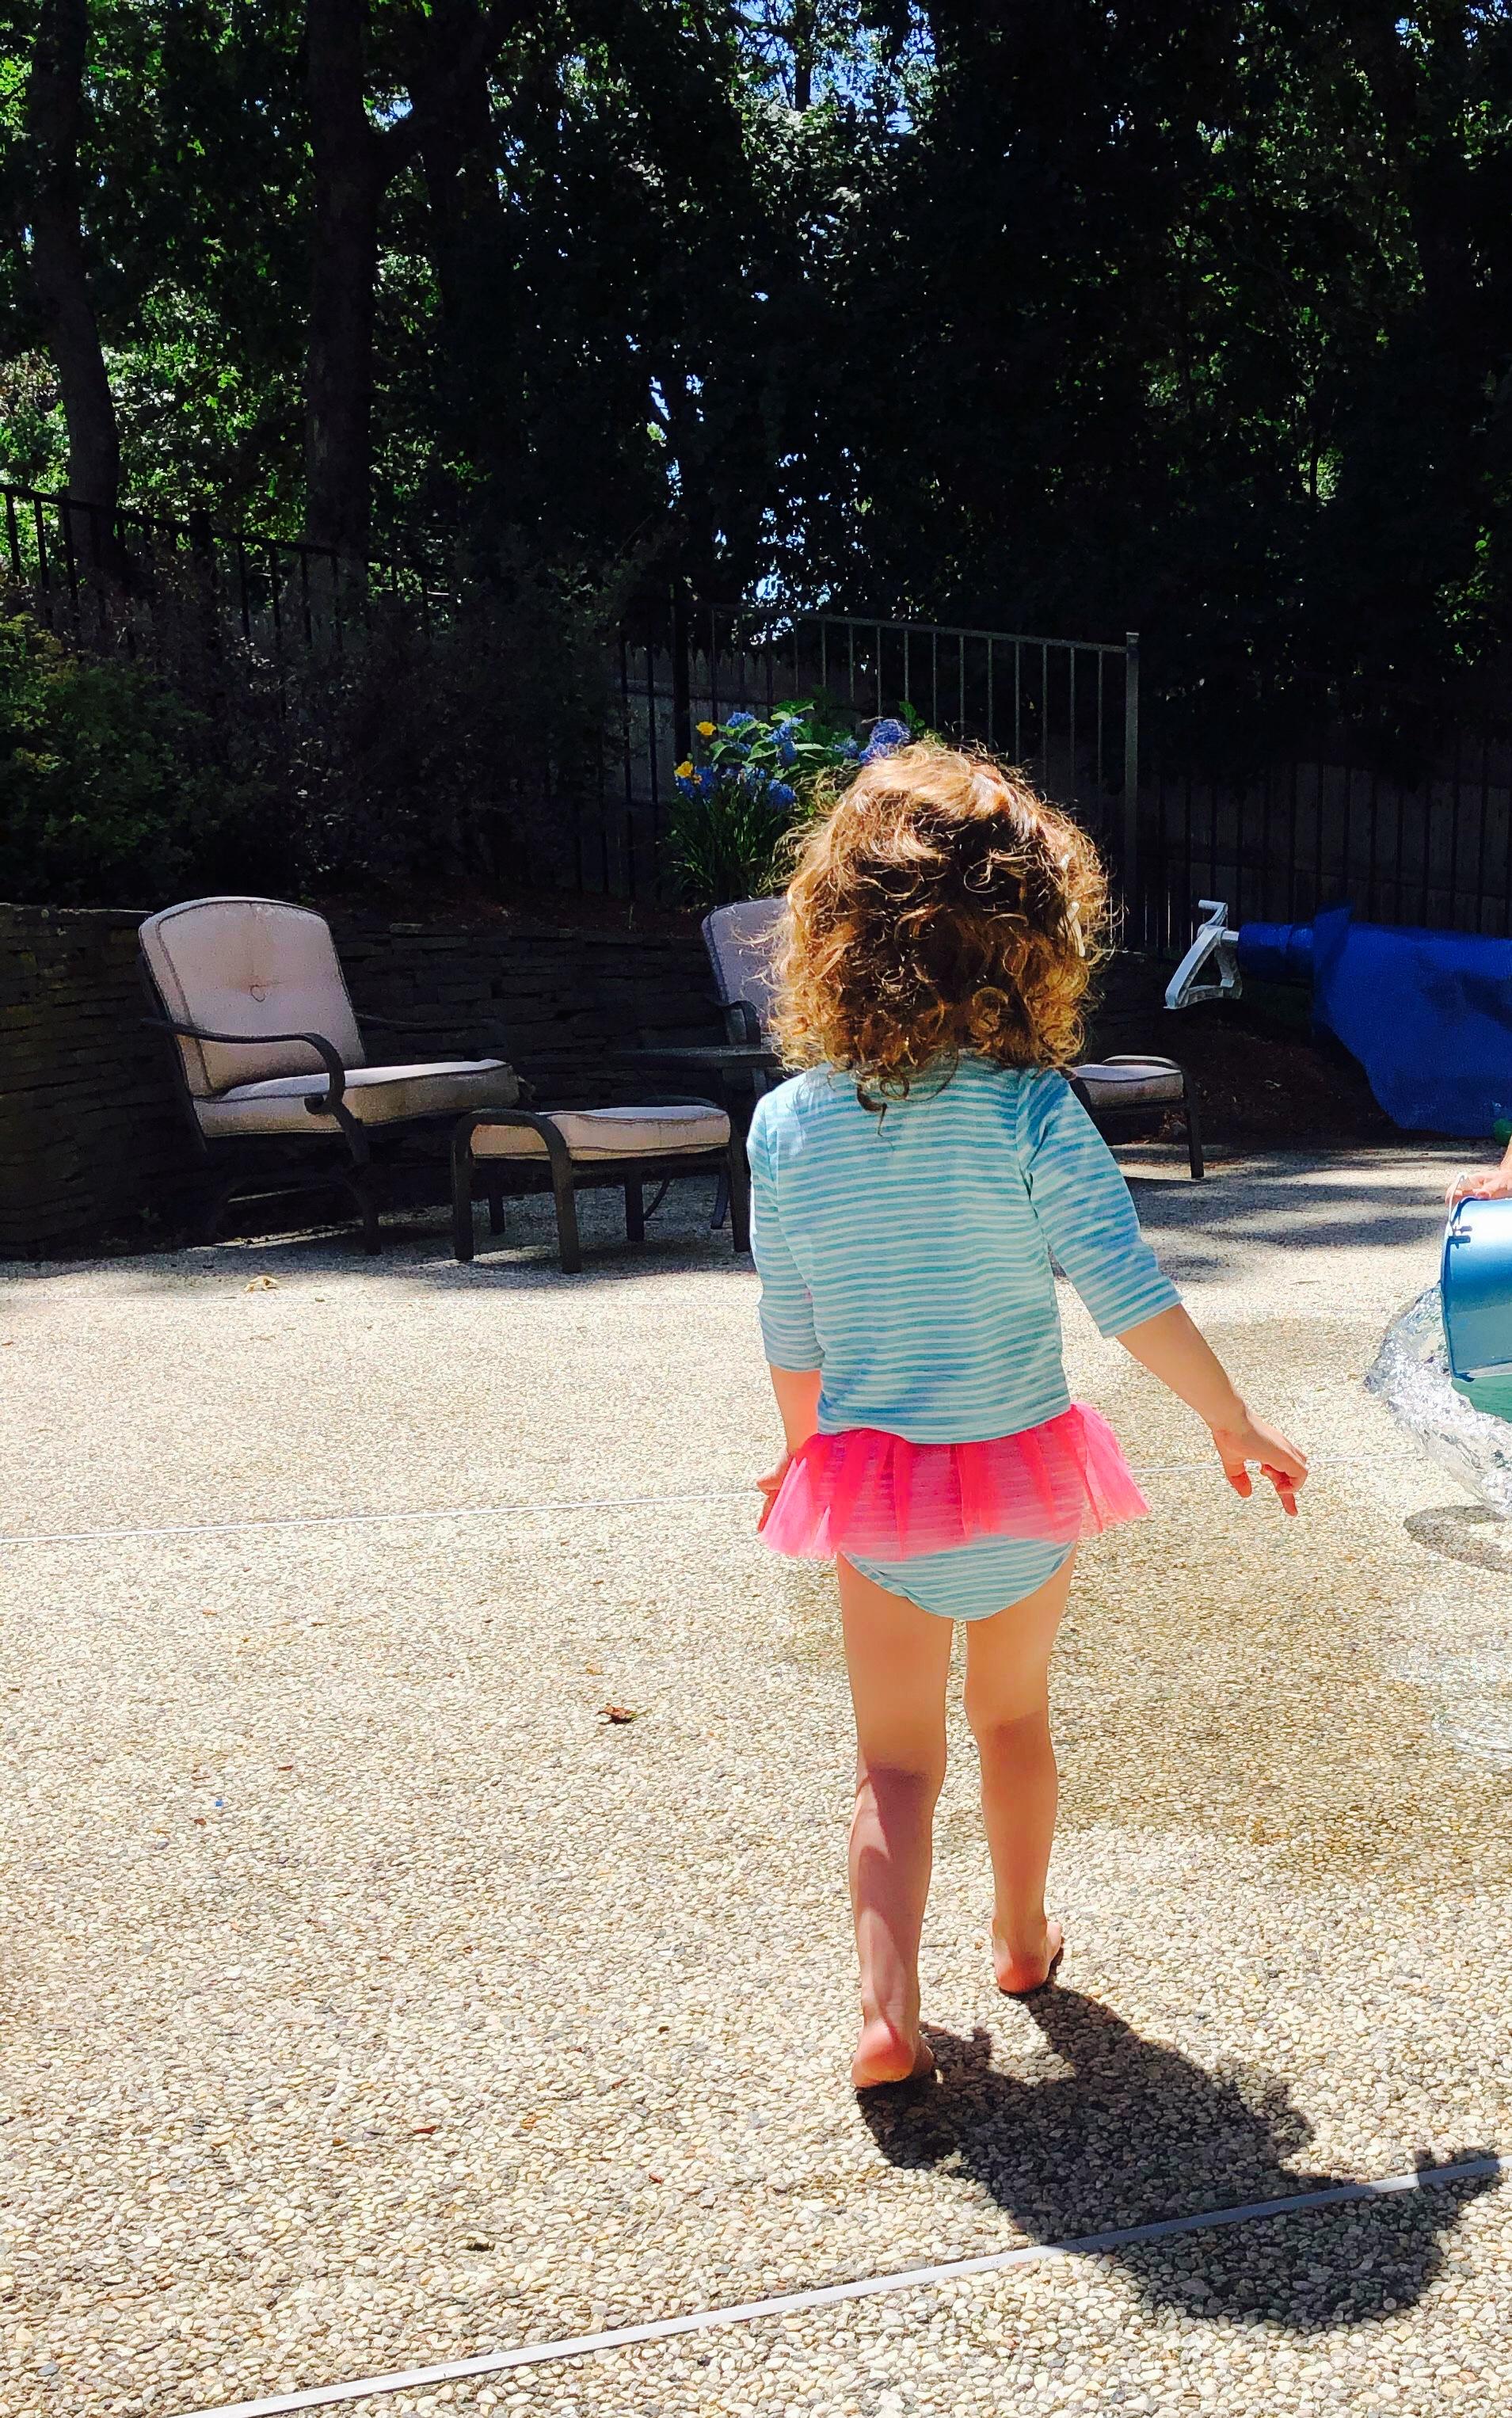 Toddler pool safety